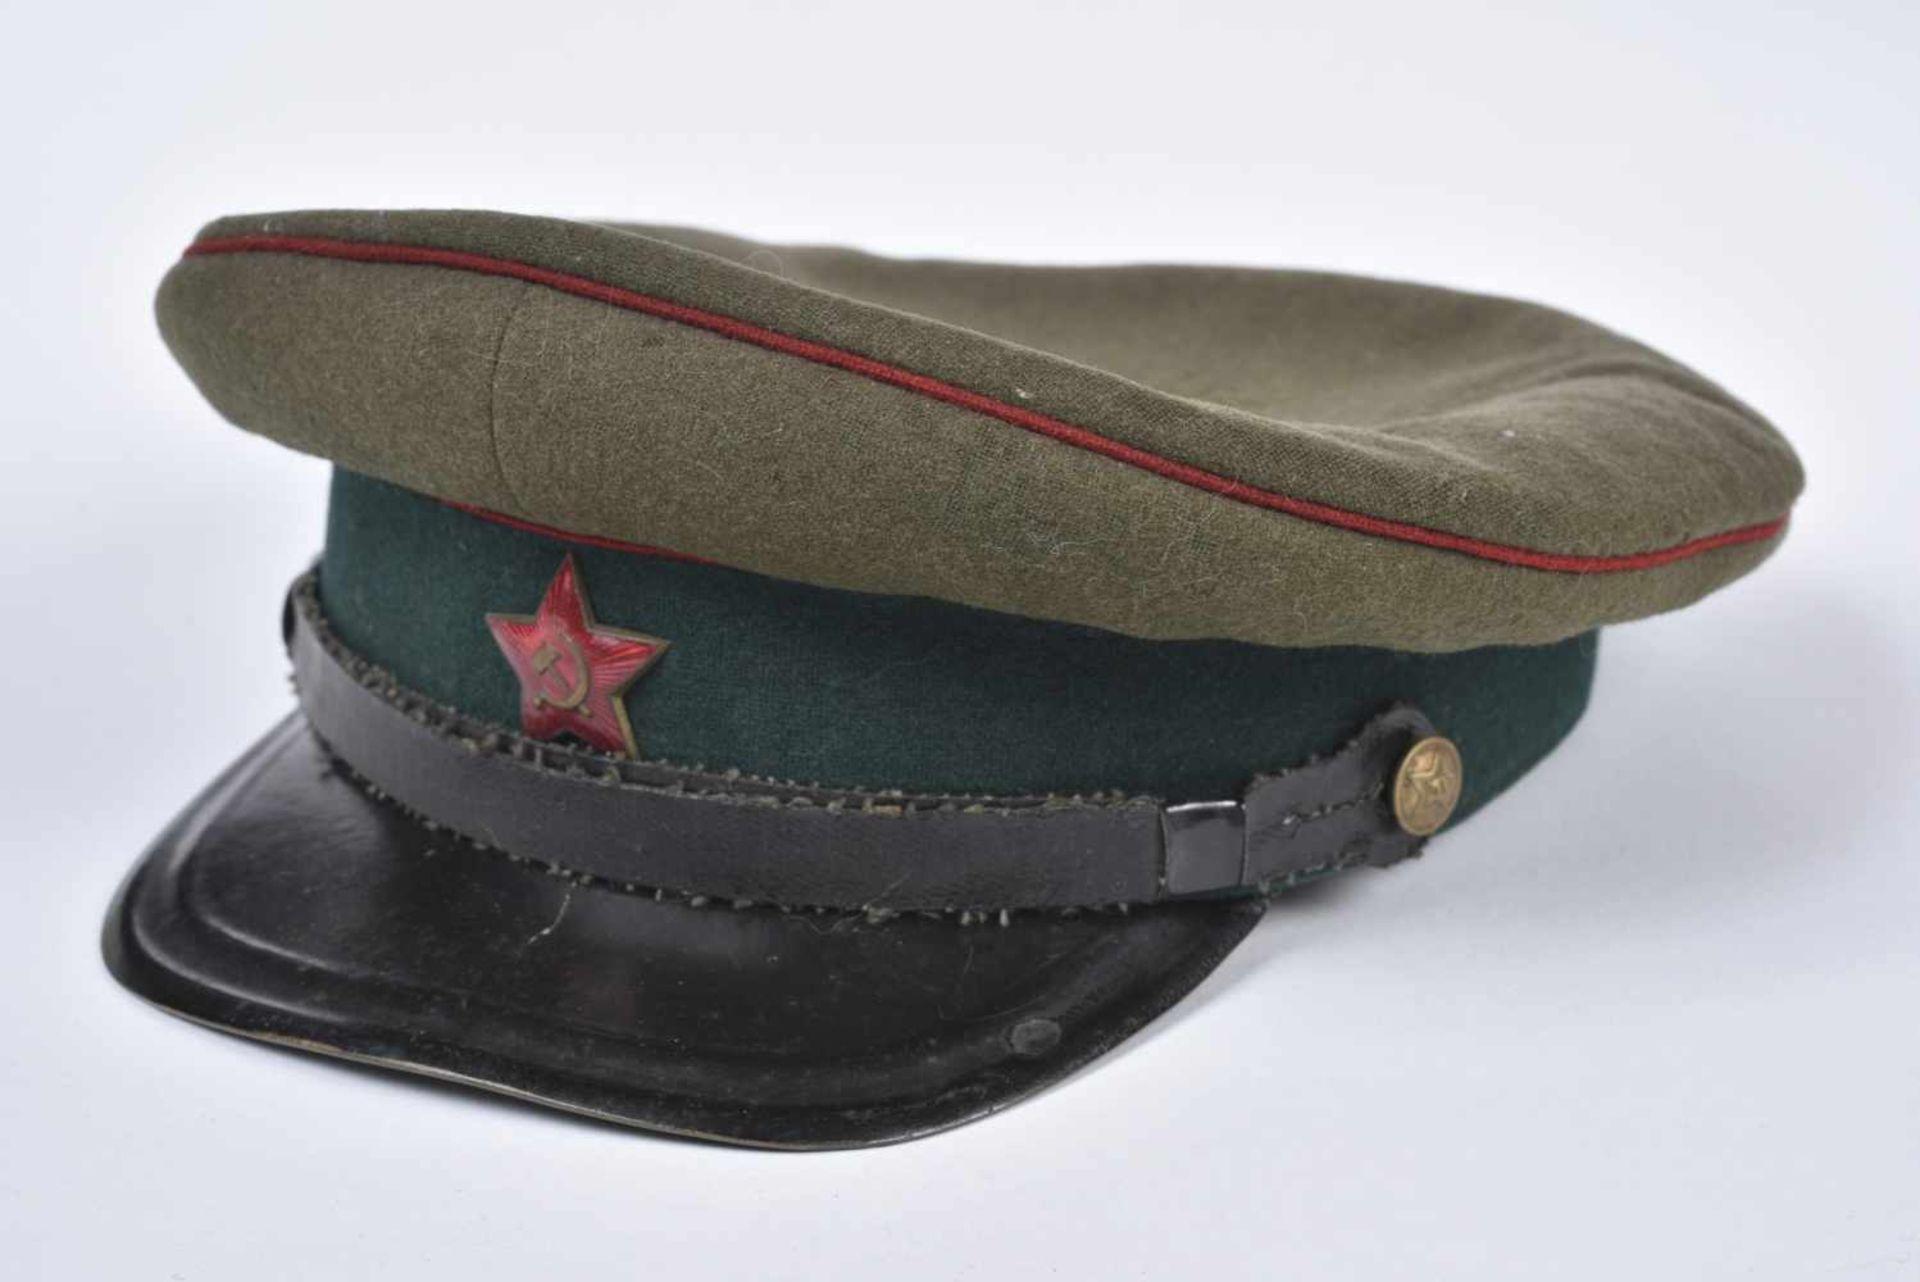 Casquette M.35 Service médical bandeau vert, passepoil rouge, taille 57/58, très belle, une des